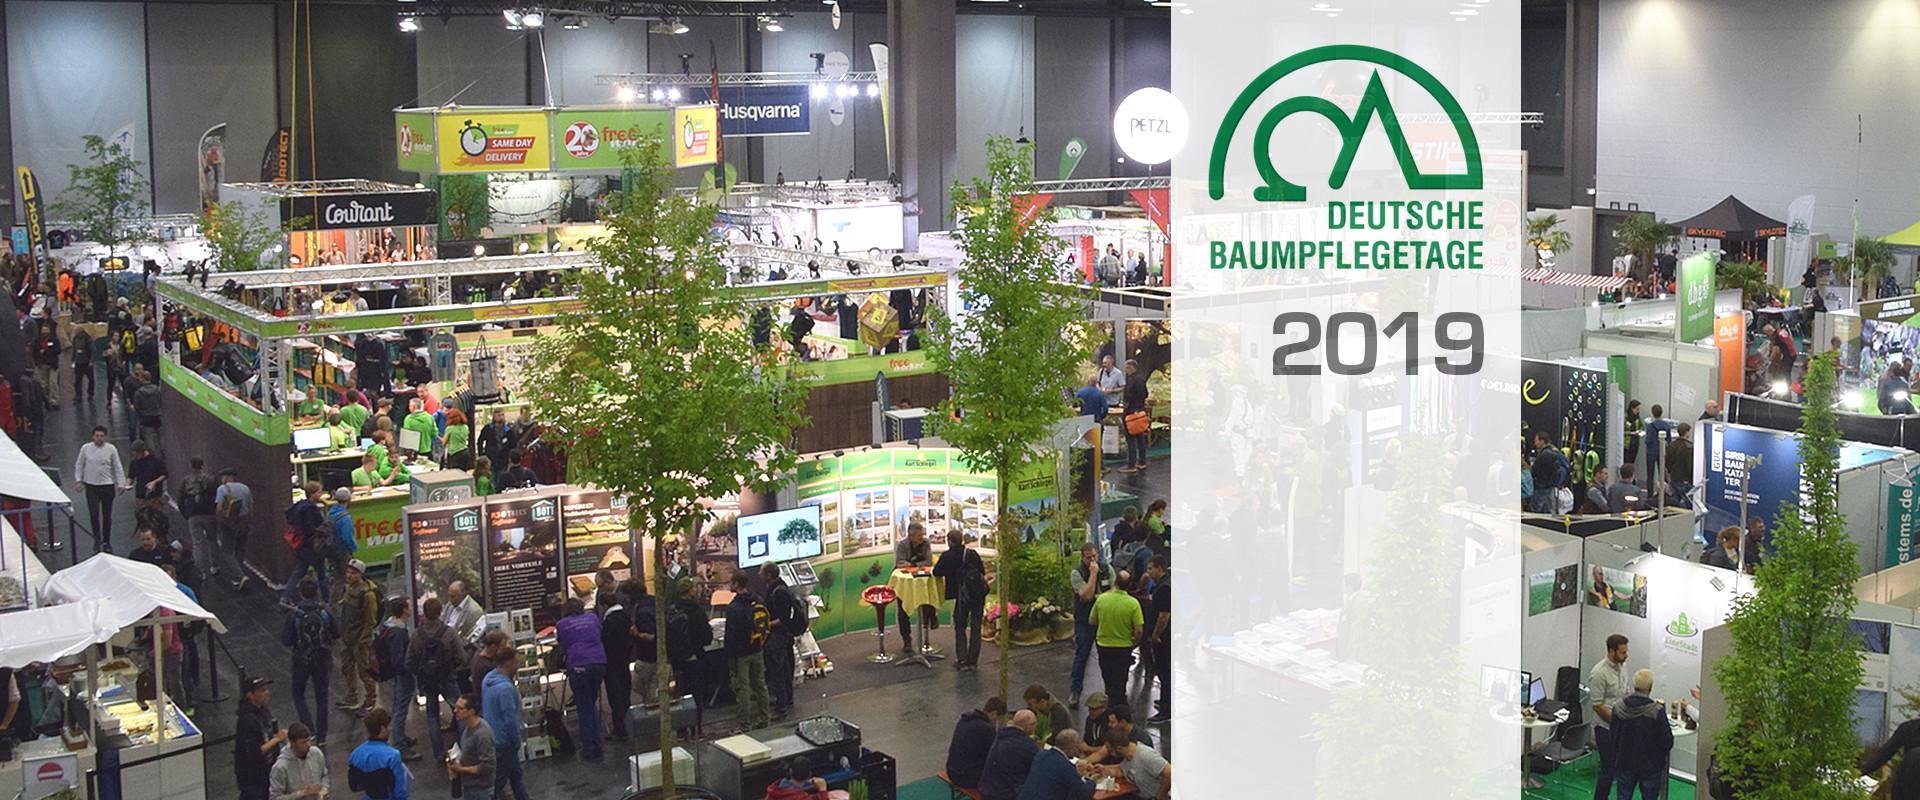 Permalink zu:Baumpflegetage 2019: Highlights und Neuheiten